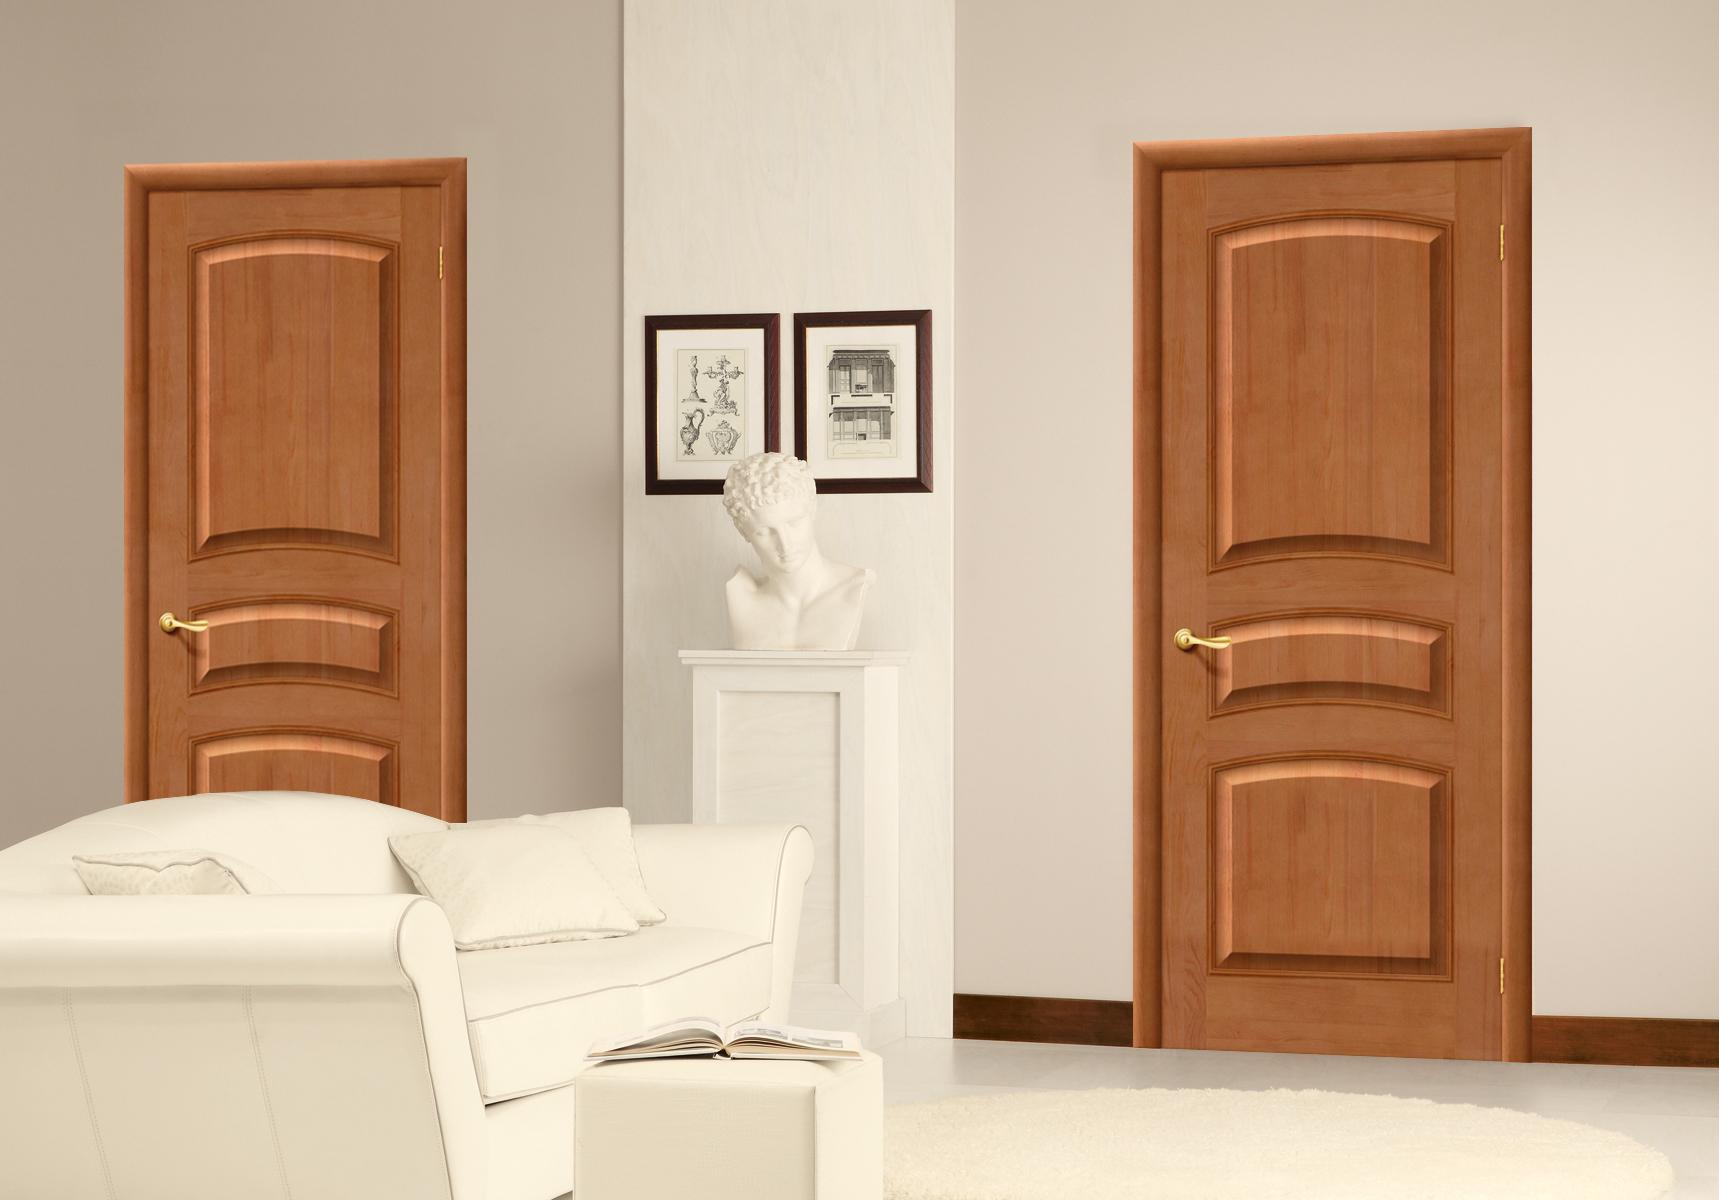 Сосновая дверь в интерьере